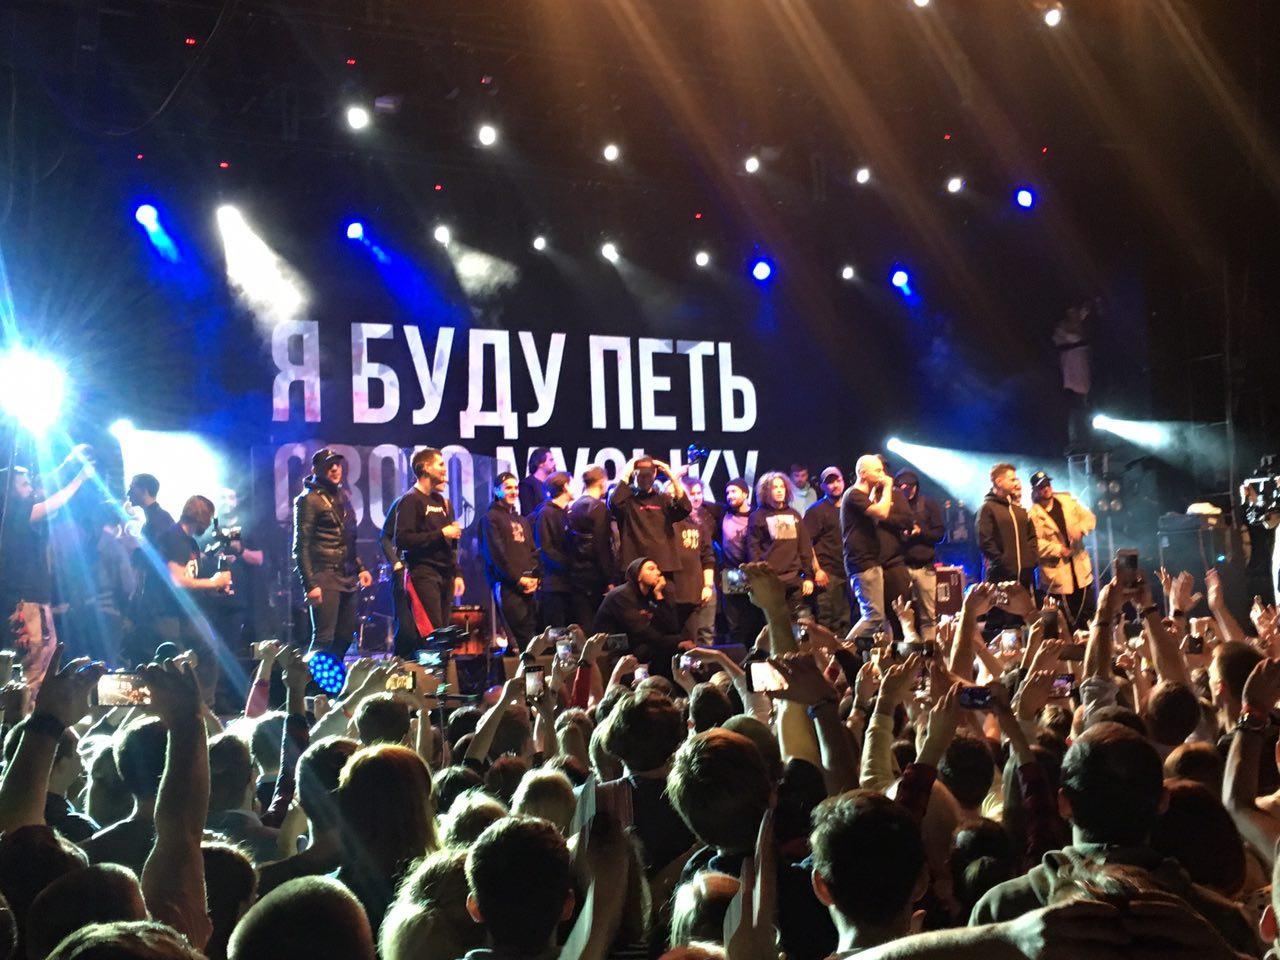 Билеты на концерт мирона дэвид гарретт концерт в москве 2017 купить билеты